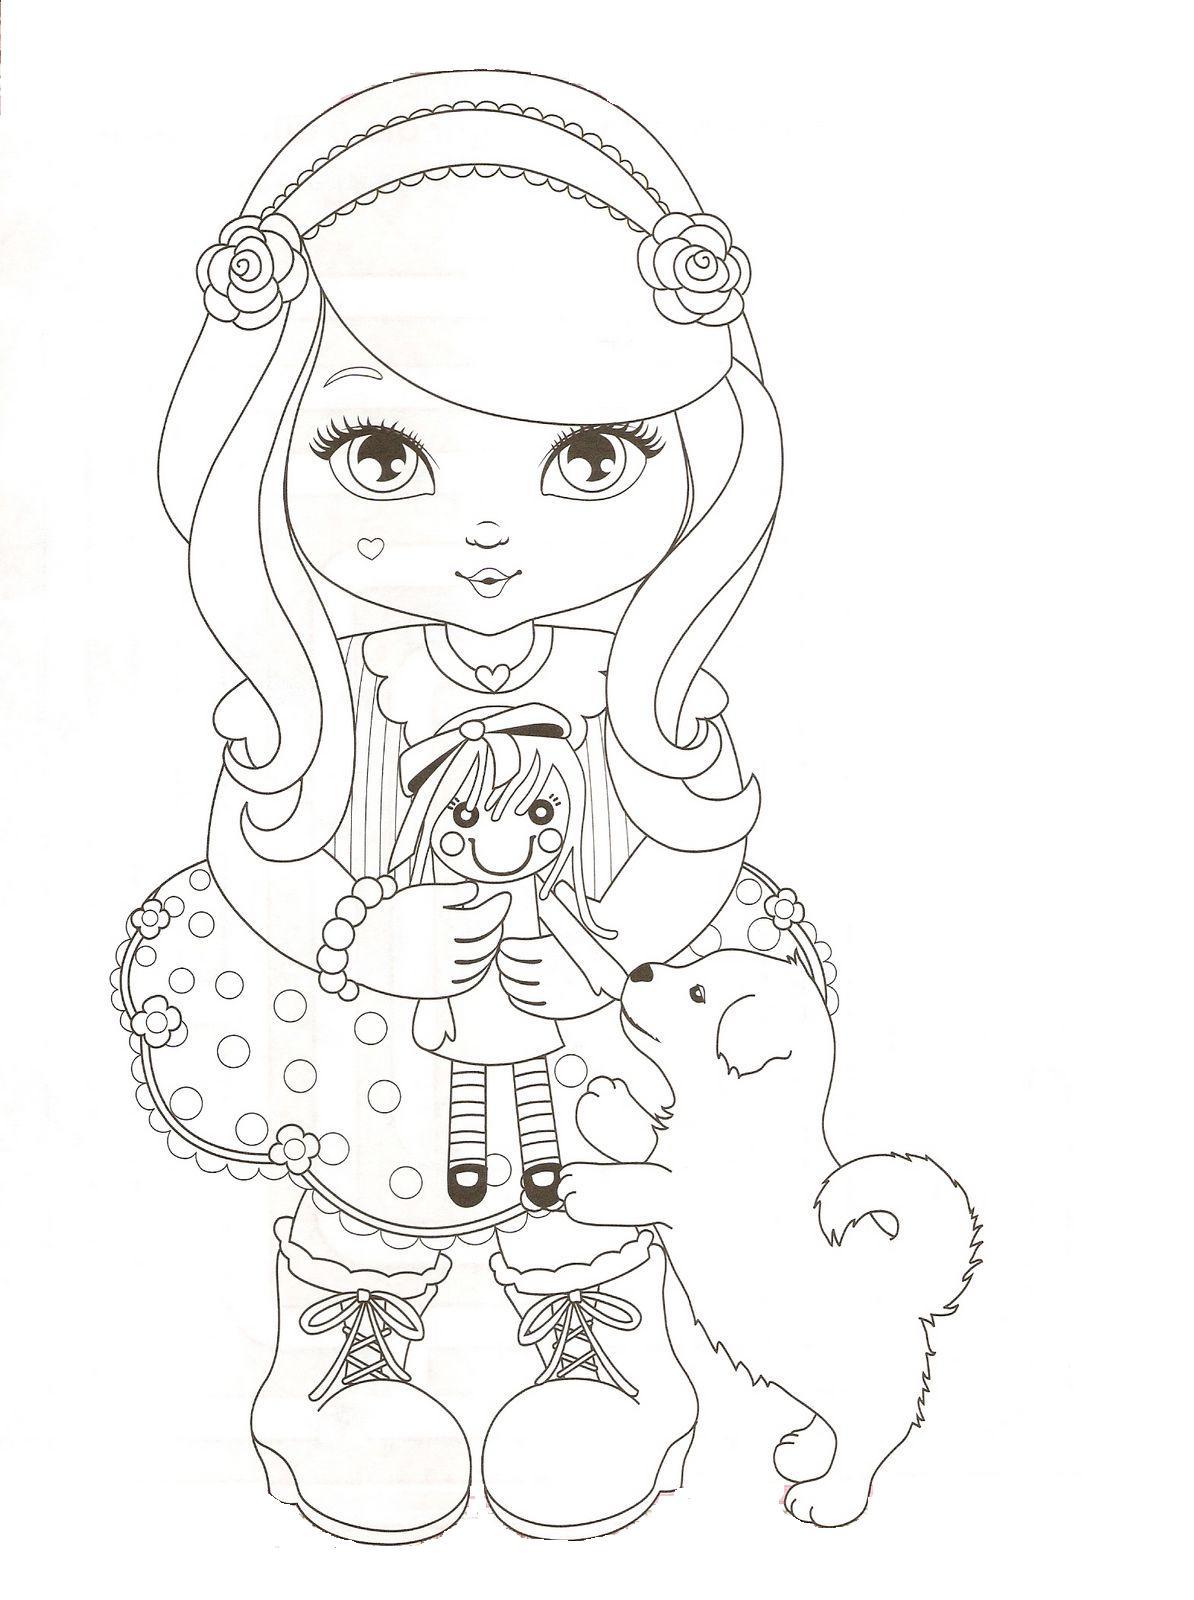 Desenhos do Barbie para colorir Desenhos para colorir - imagens para colorir e imprimir da jolie